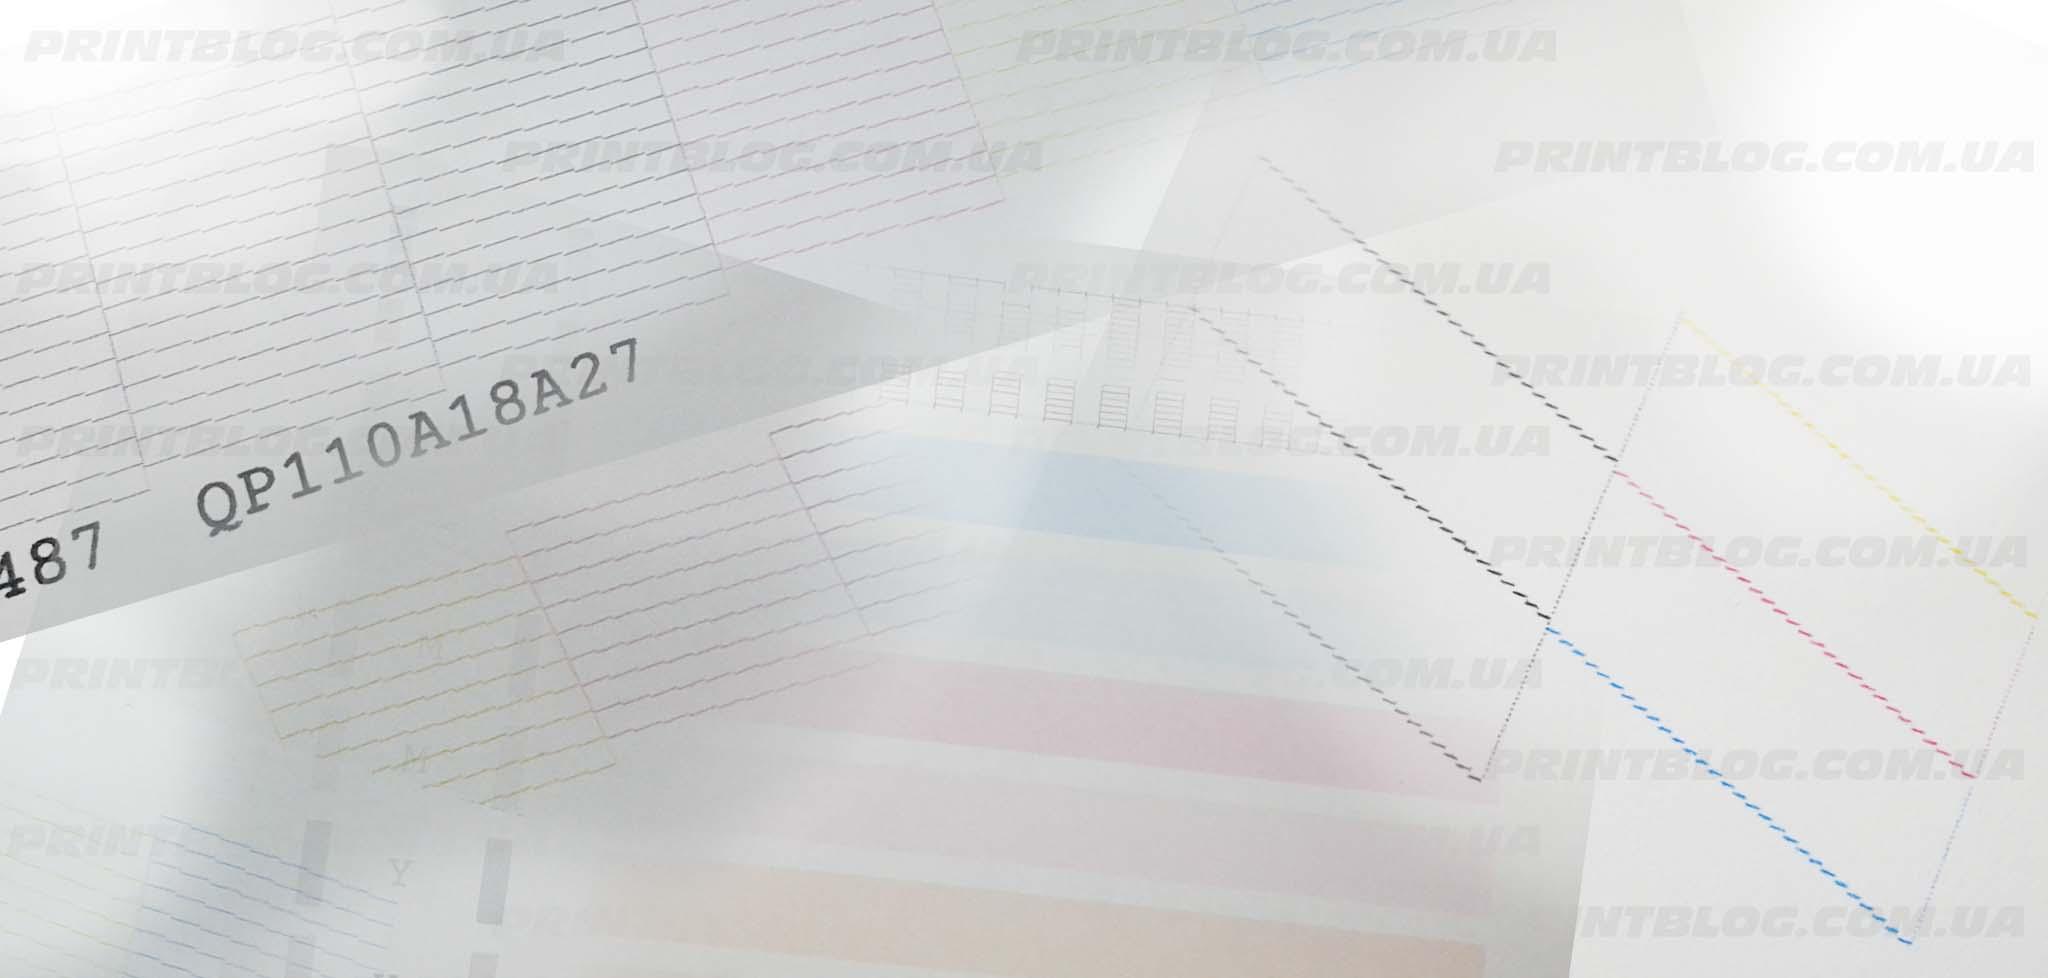 Что такое тест дюз и как его распечатать